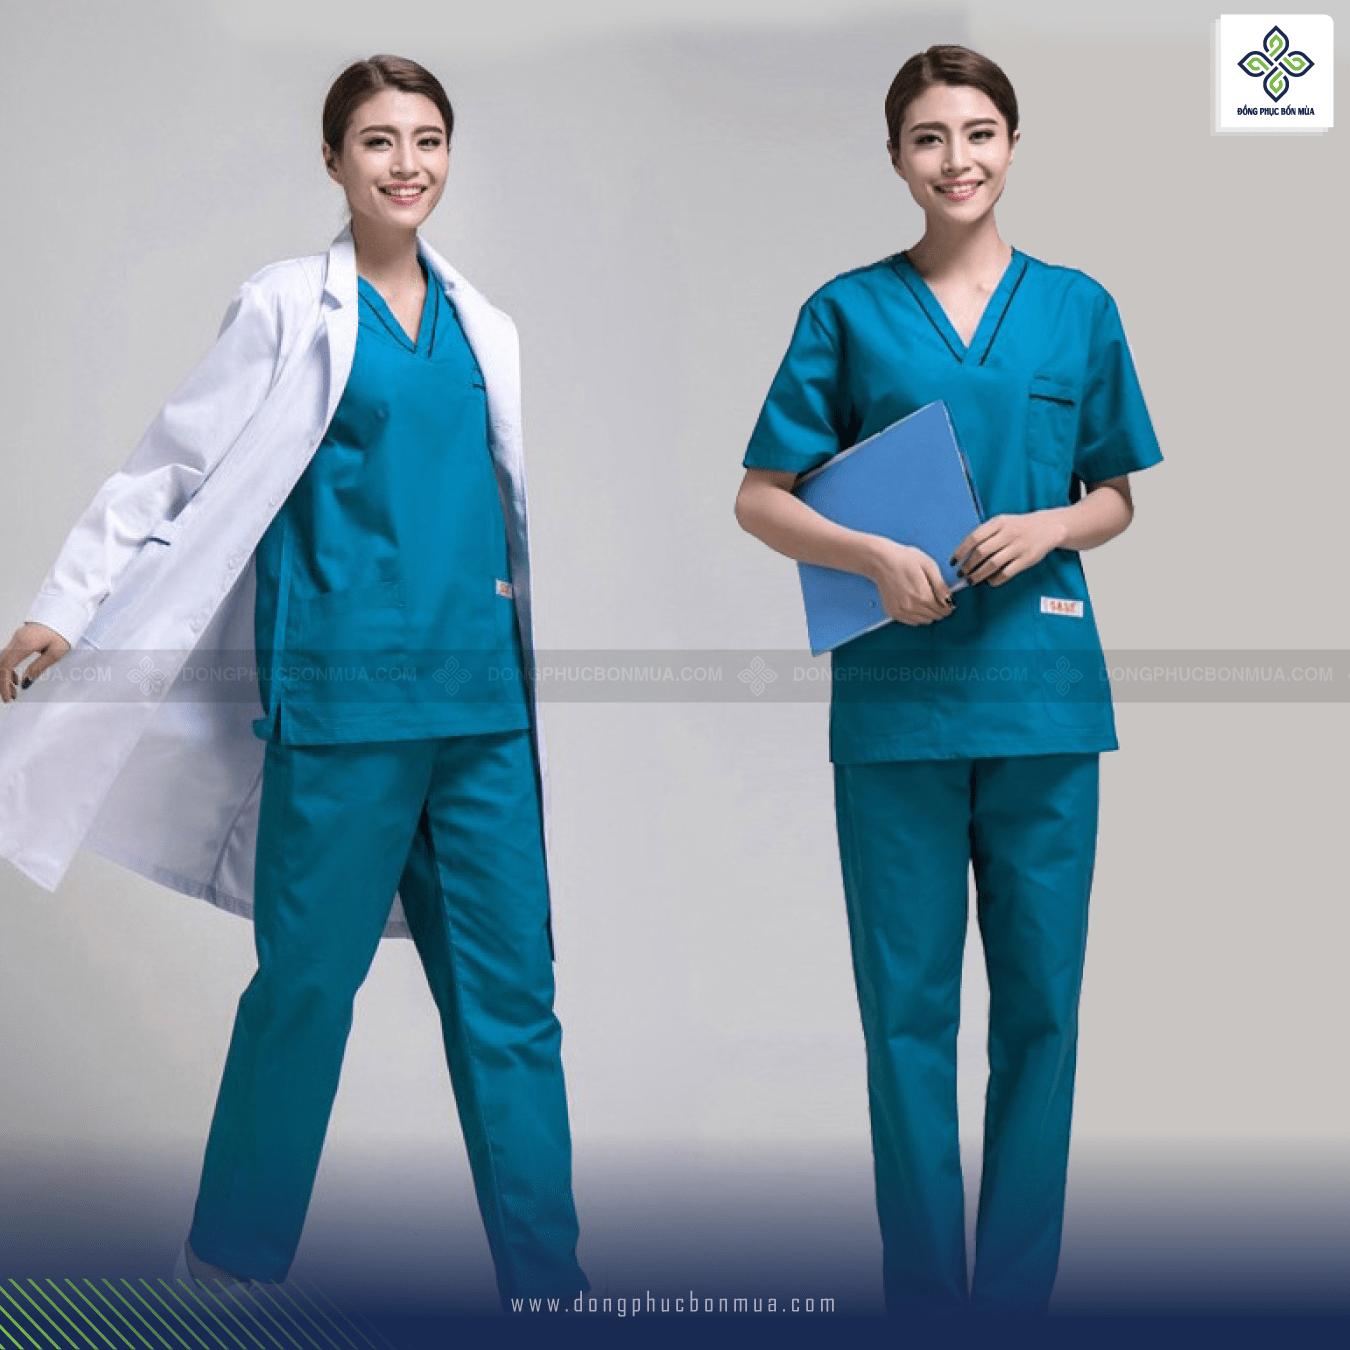 mẫu đồng phục y tế đẹp